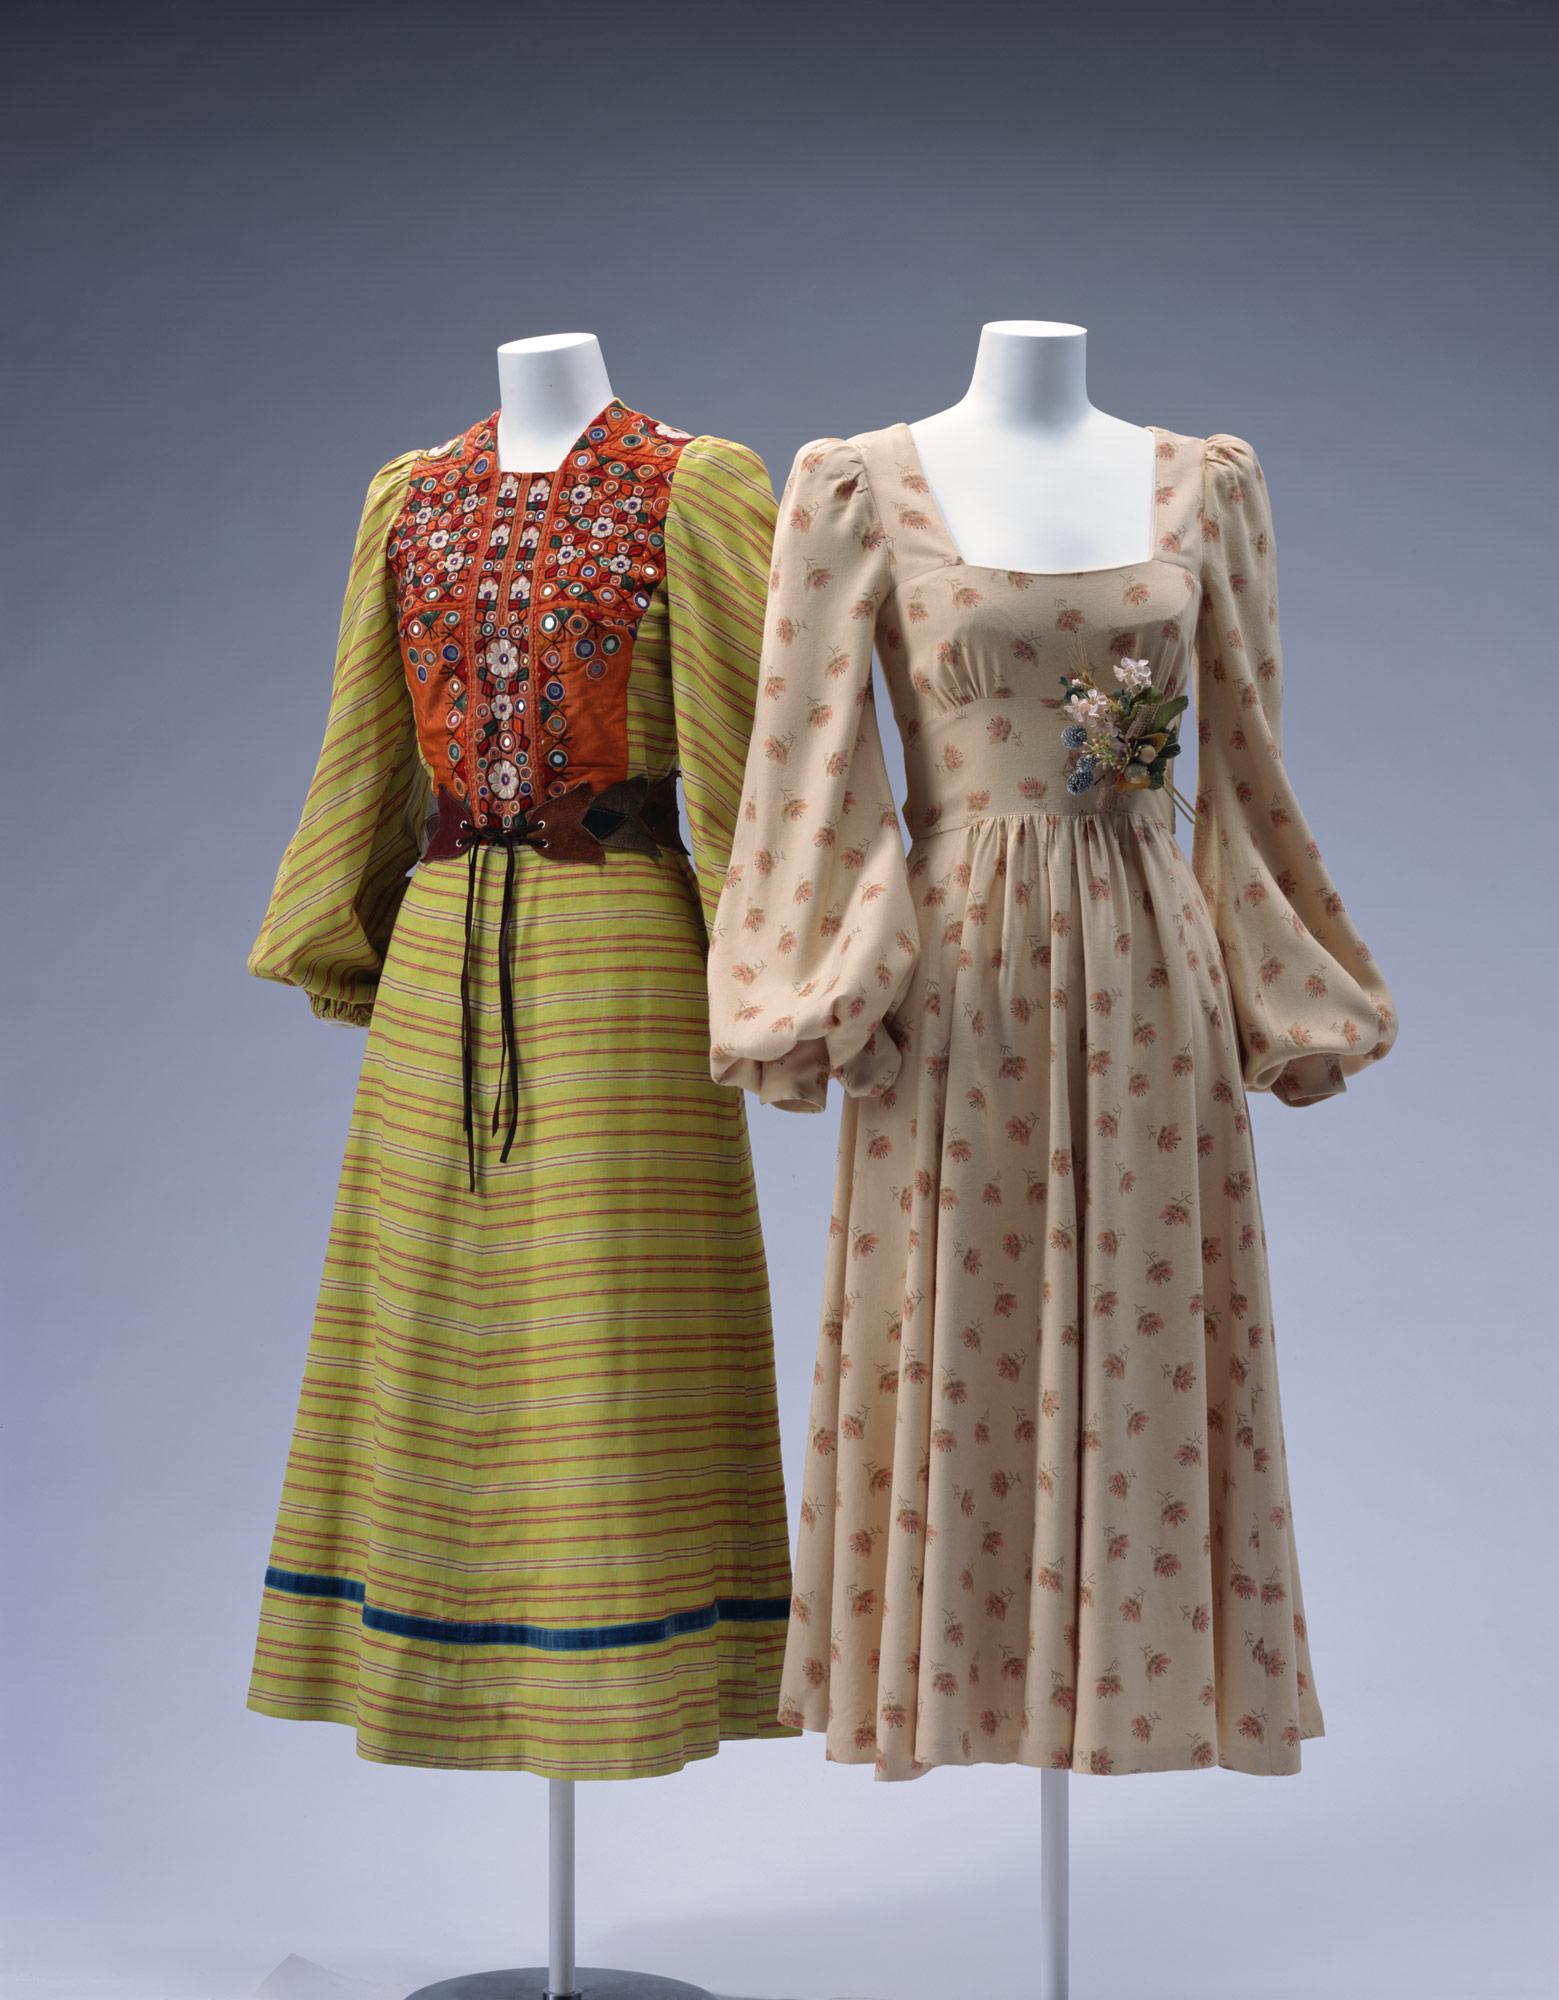 ドレス[左] ドレス[右]